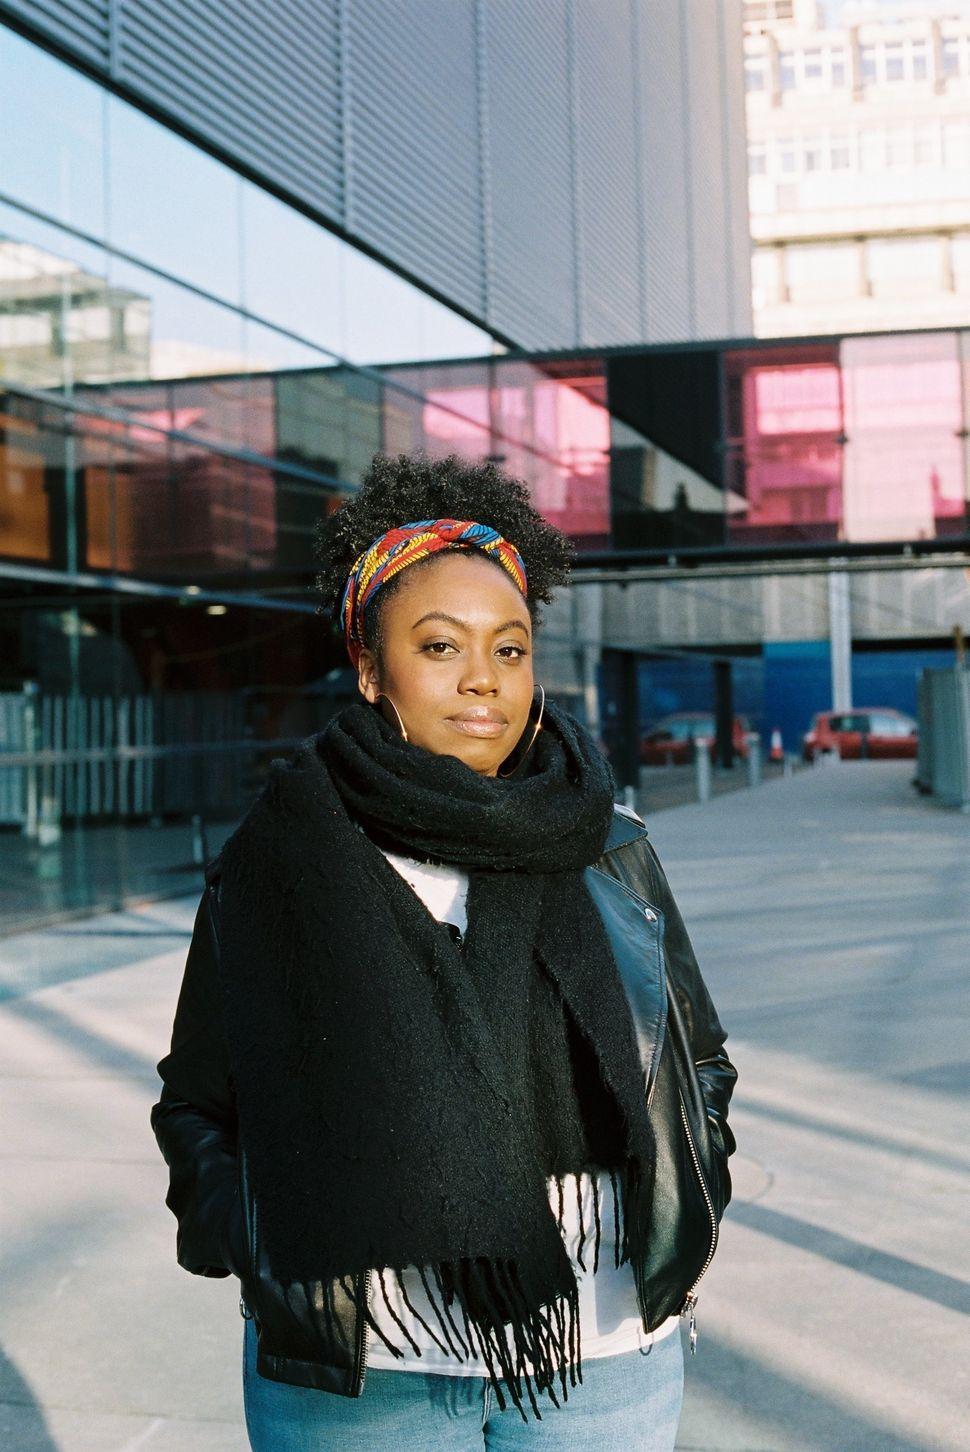 크리스타니아는 런던 프라이드 행사에서 친구가 다른 동성애자 여성으로부터 인종 차별 발언을 듣는 걸